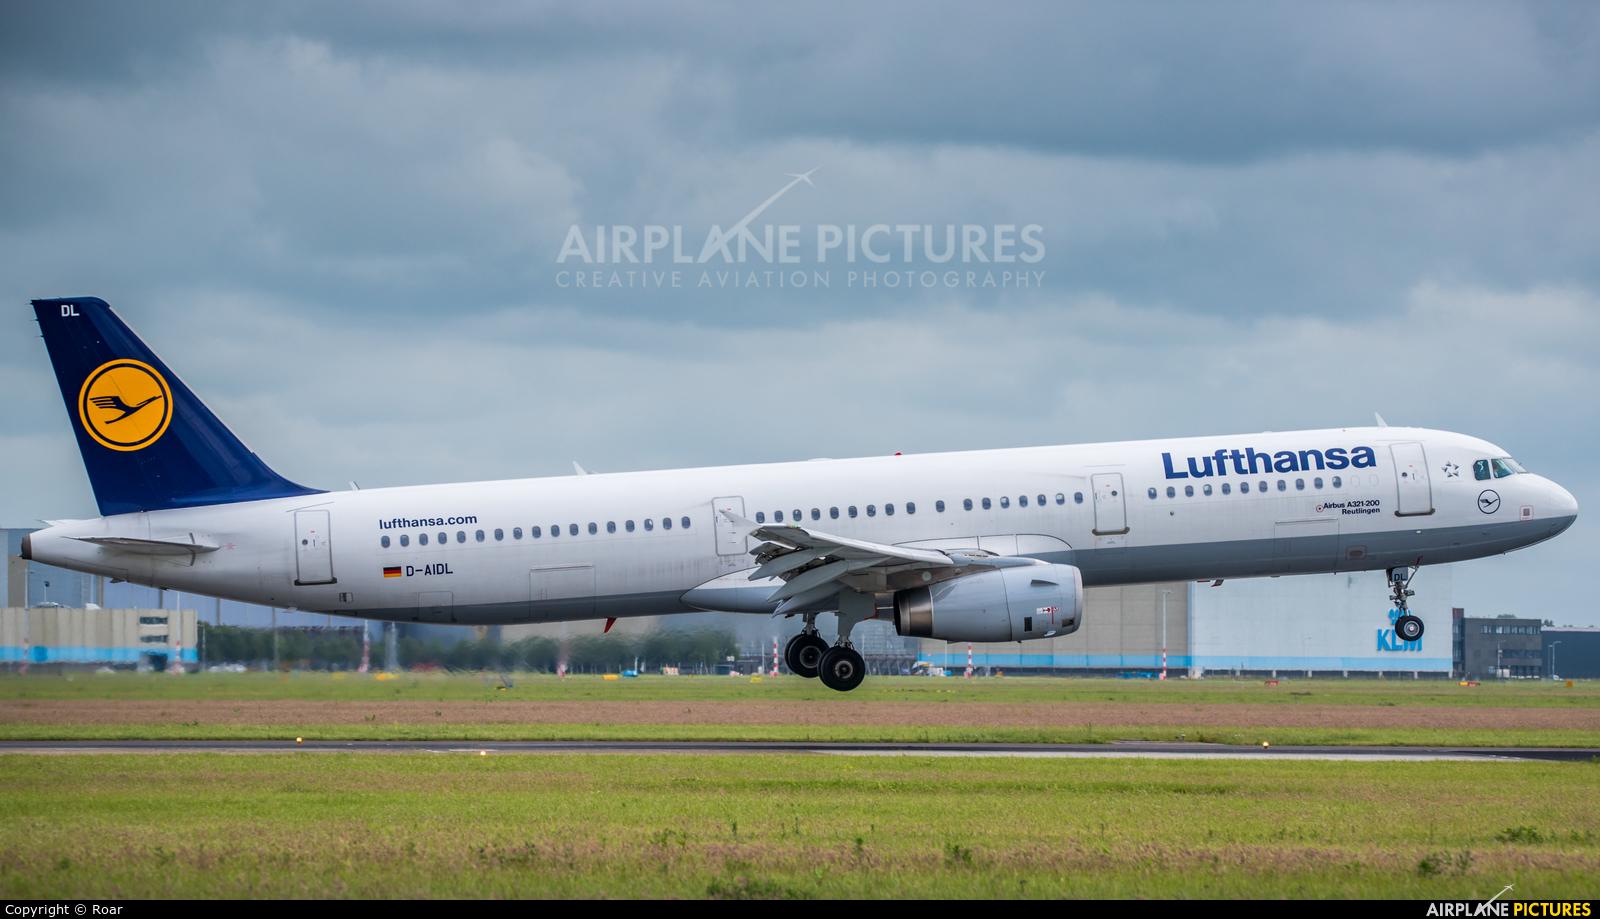 Lufthansa D-AIDL aircraft at Amsterdam - Schiphol